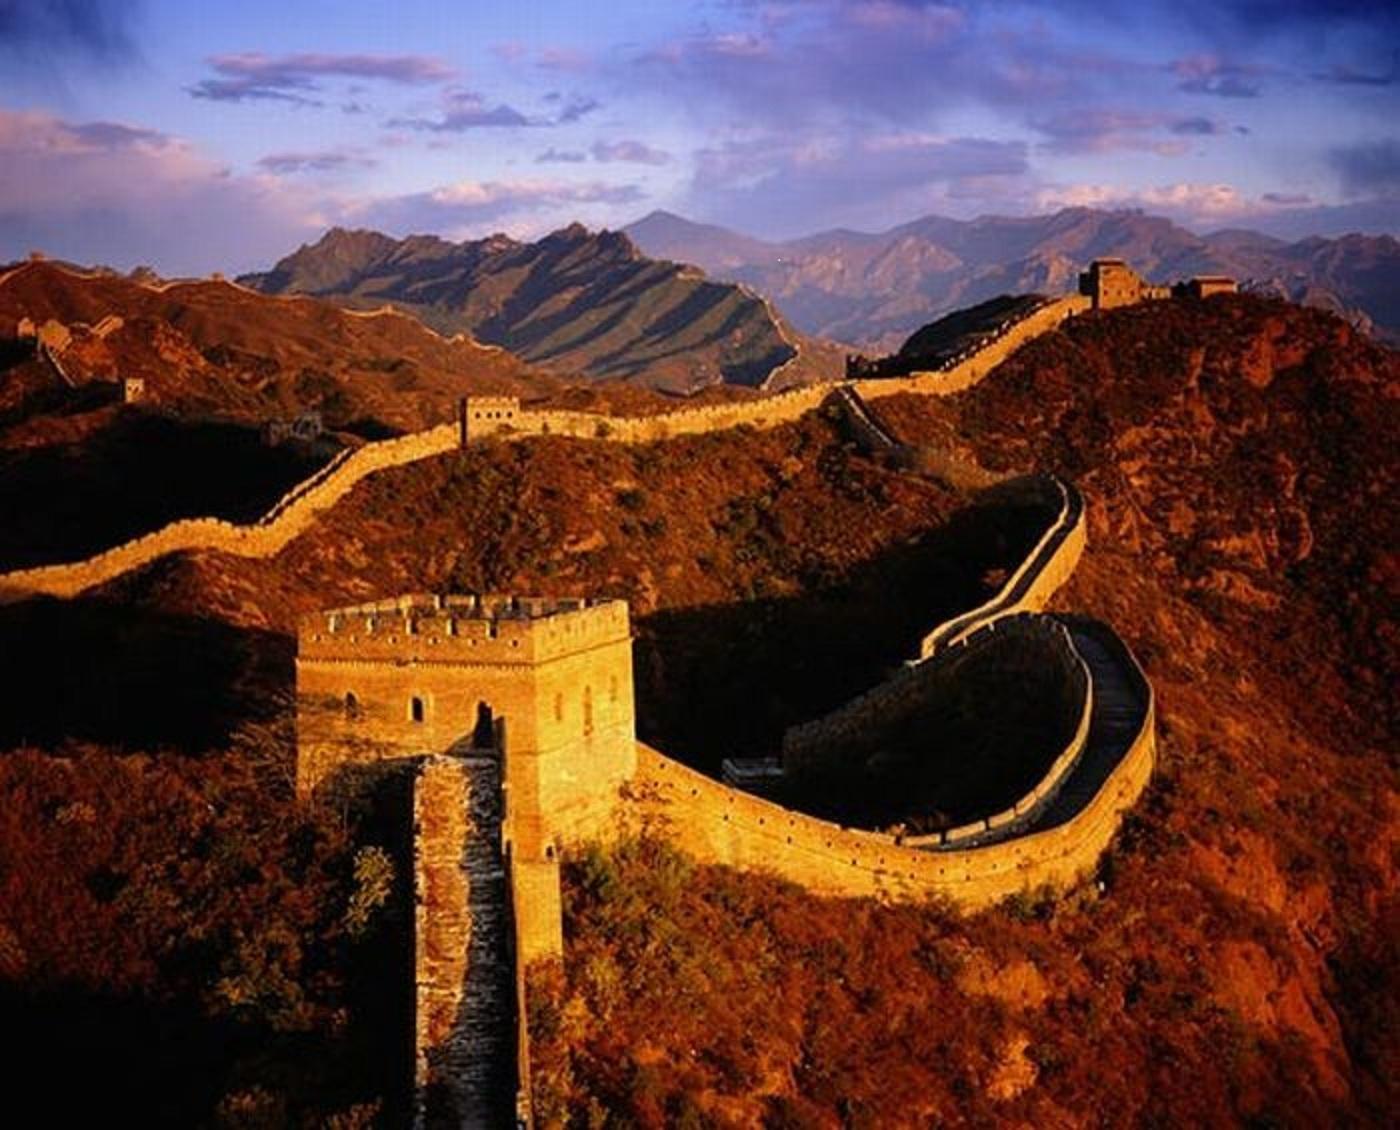 http://4.bp.blogspot.com/-O5JDVfMyf-0/TpwdzAHMmzI/AAAAAAAAQHg/Yprlq9f37ag/s1600/La+muralla+China6.jpg